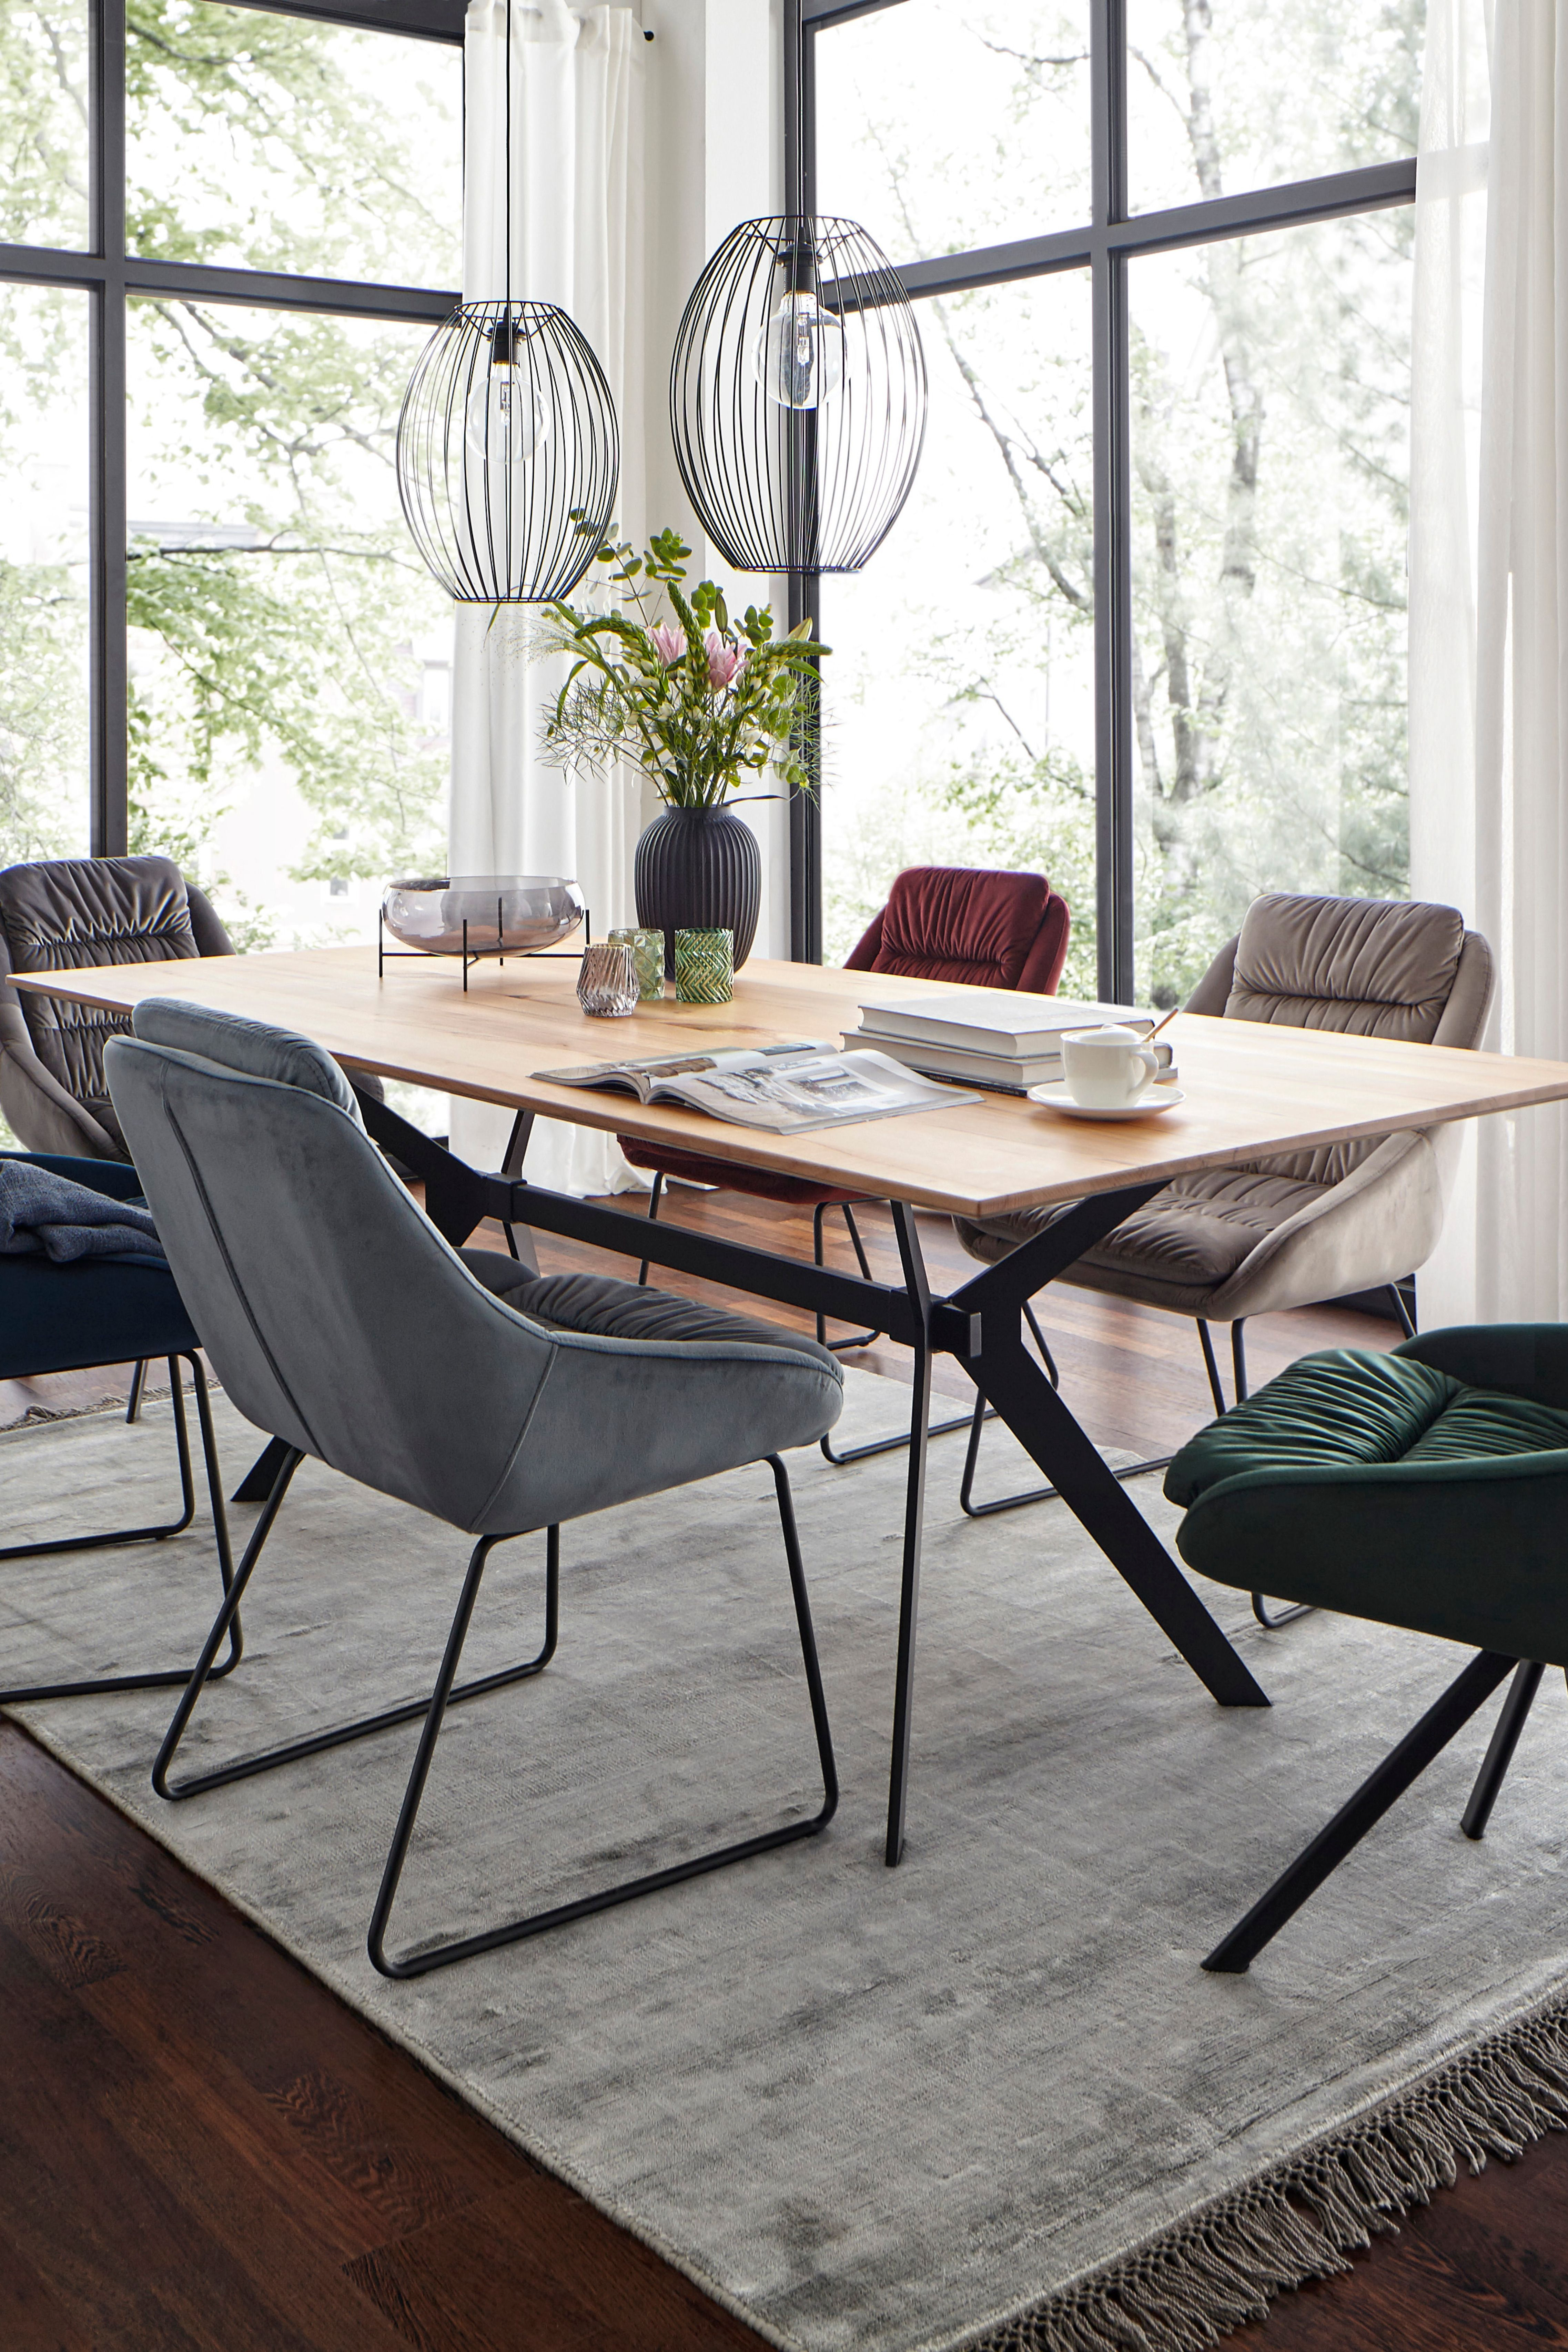 Tischgruppe Stuhle Esstisch Holztisch Ausziehbar Esszimmerstuhle Esszimmerstuhl